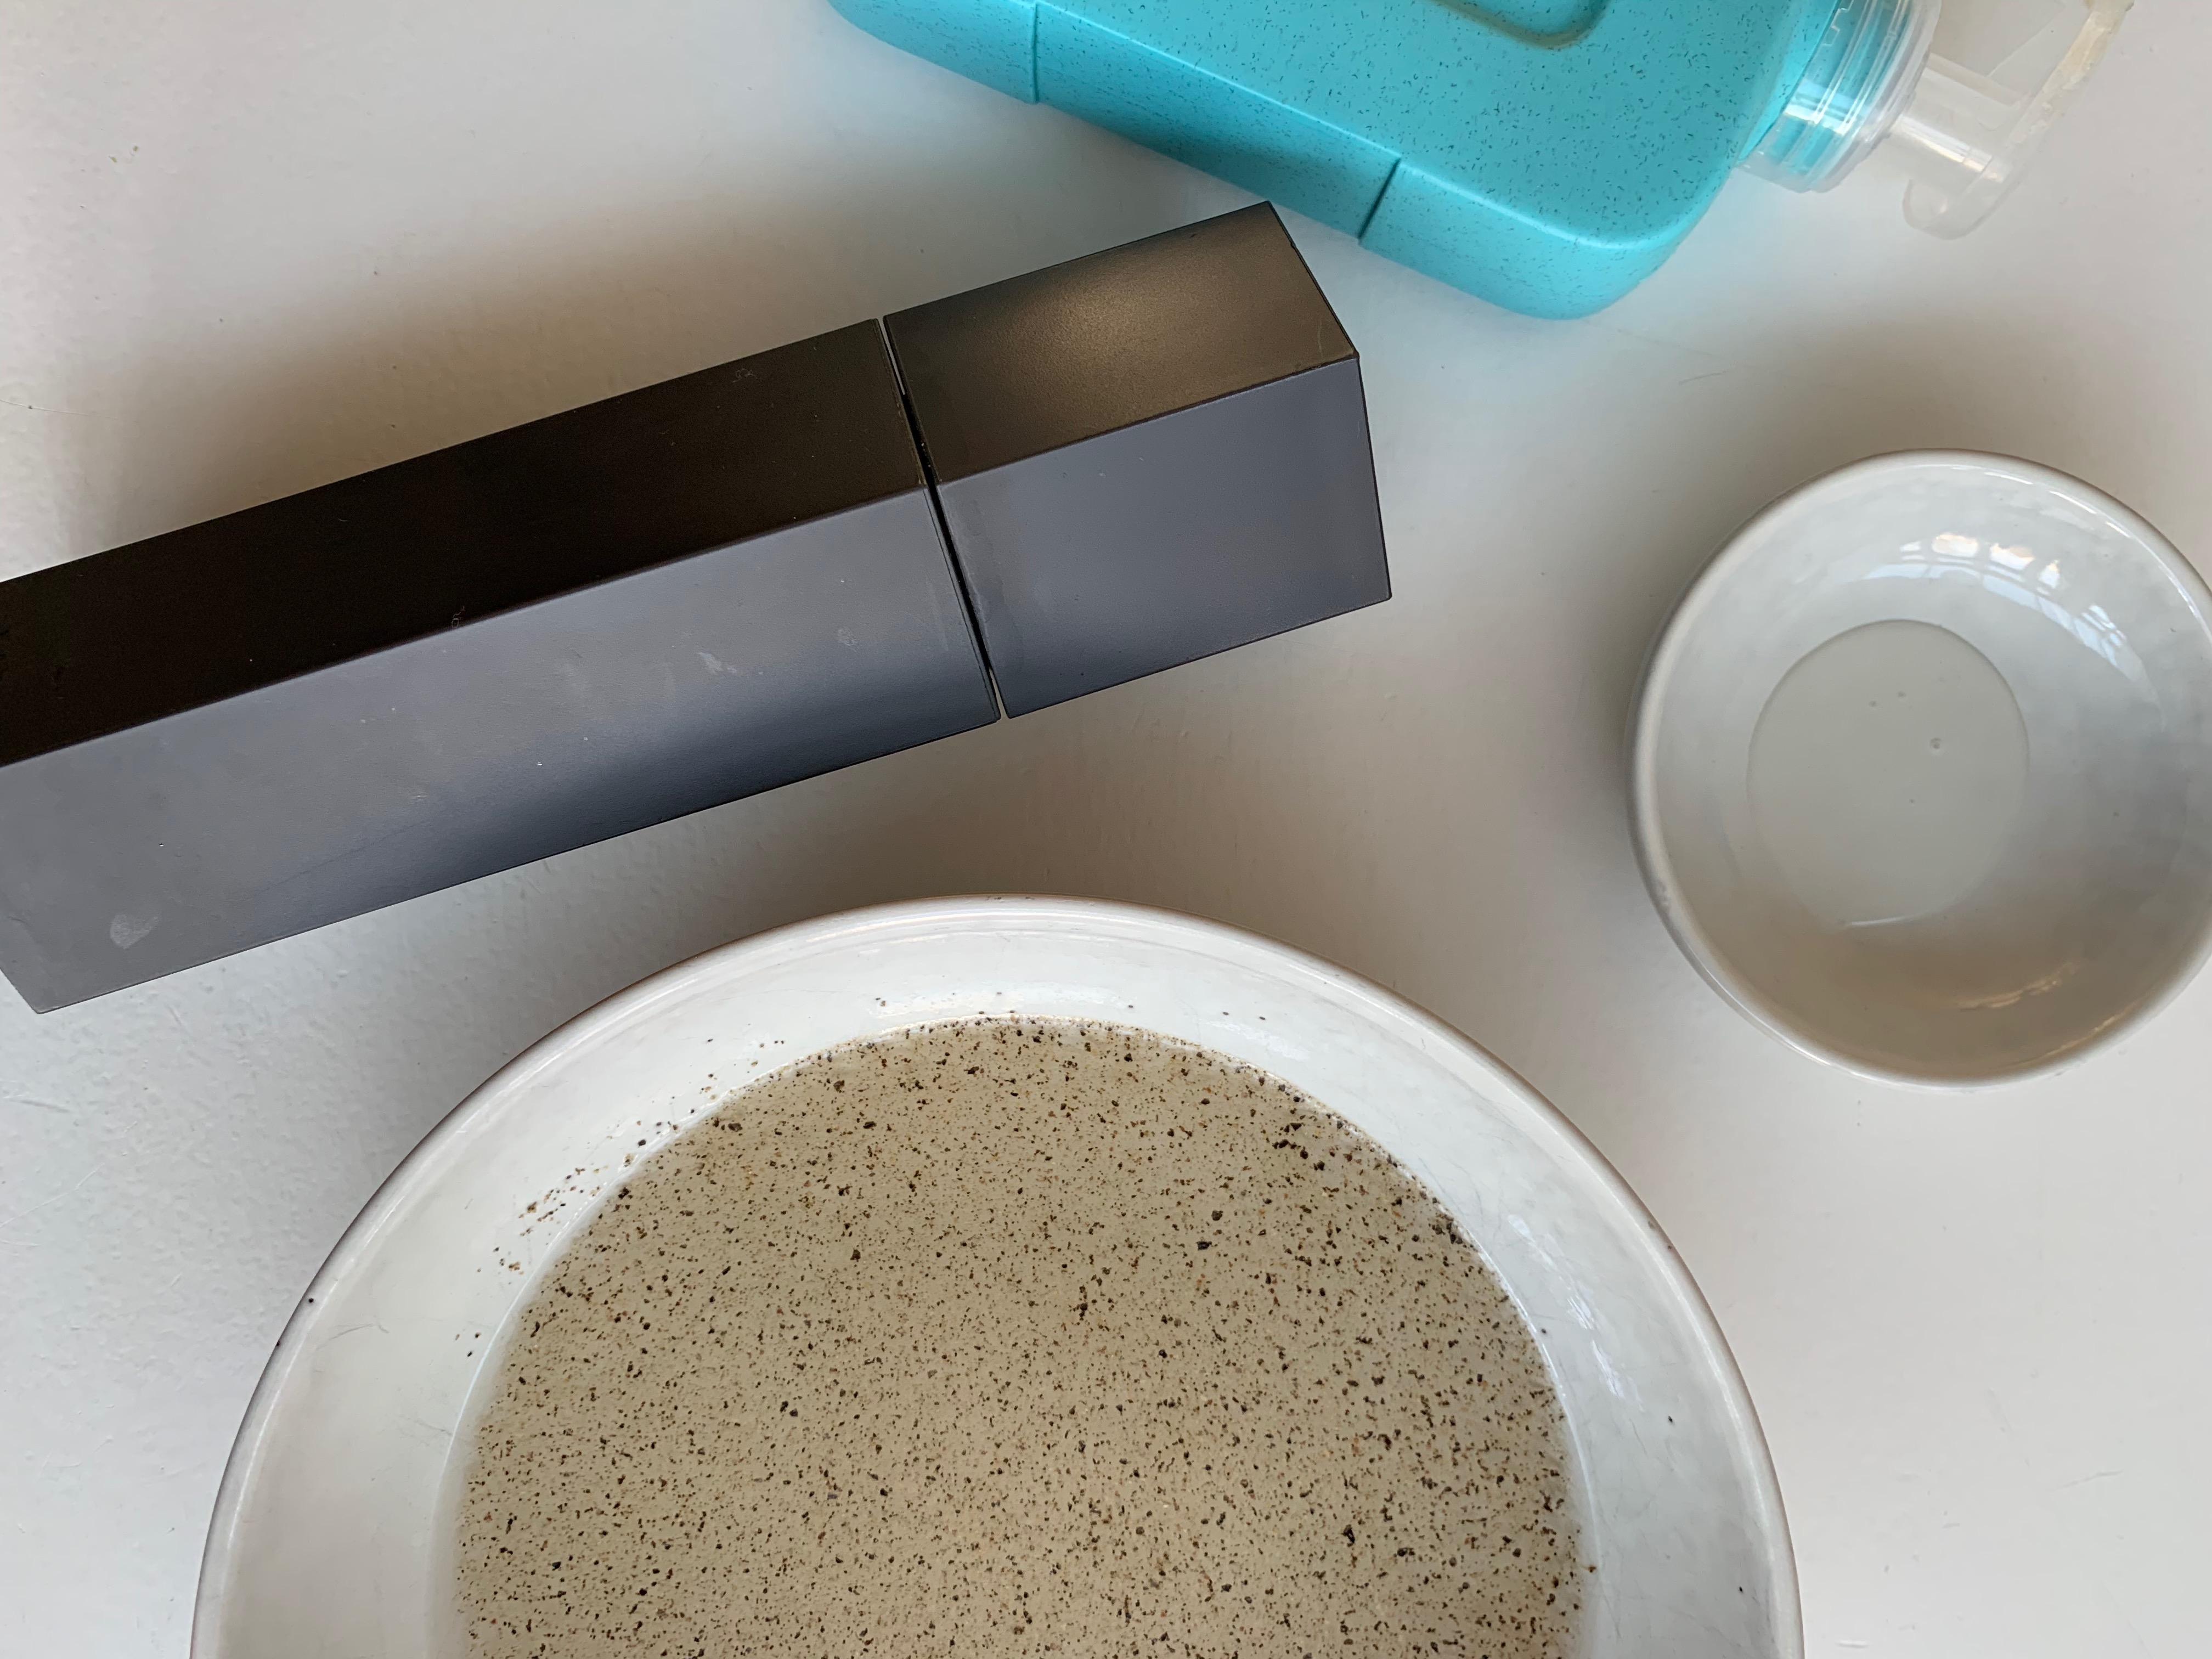 Alle ingrediënten voor een trucje om te laten zien hoe belangrijk het is om handen te wassen